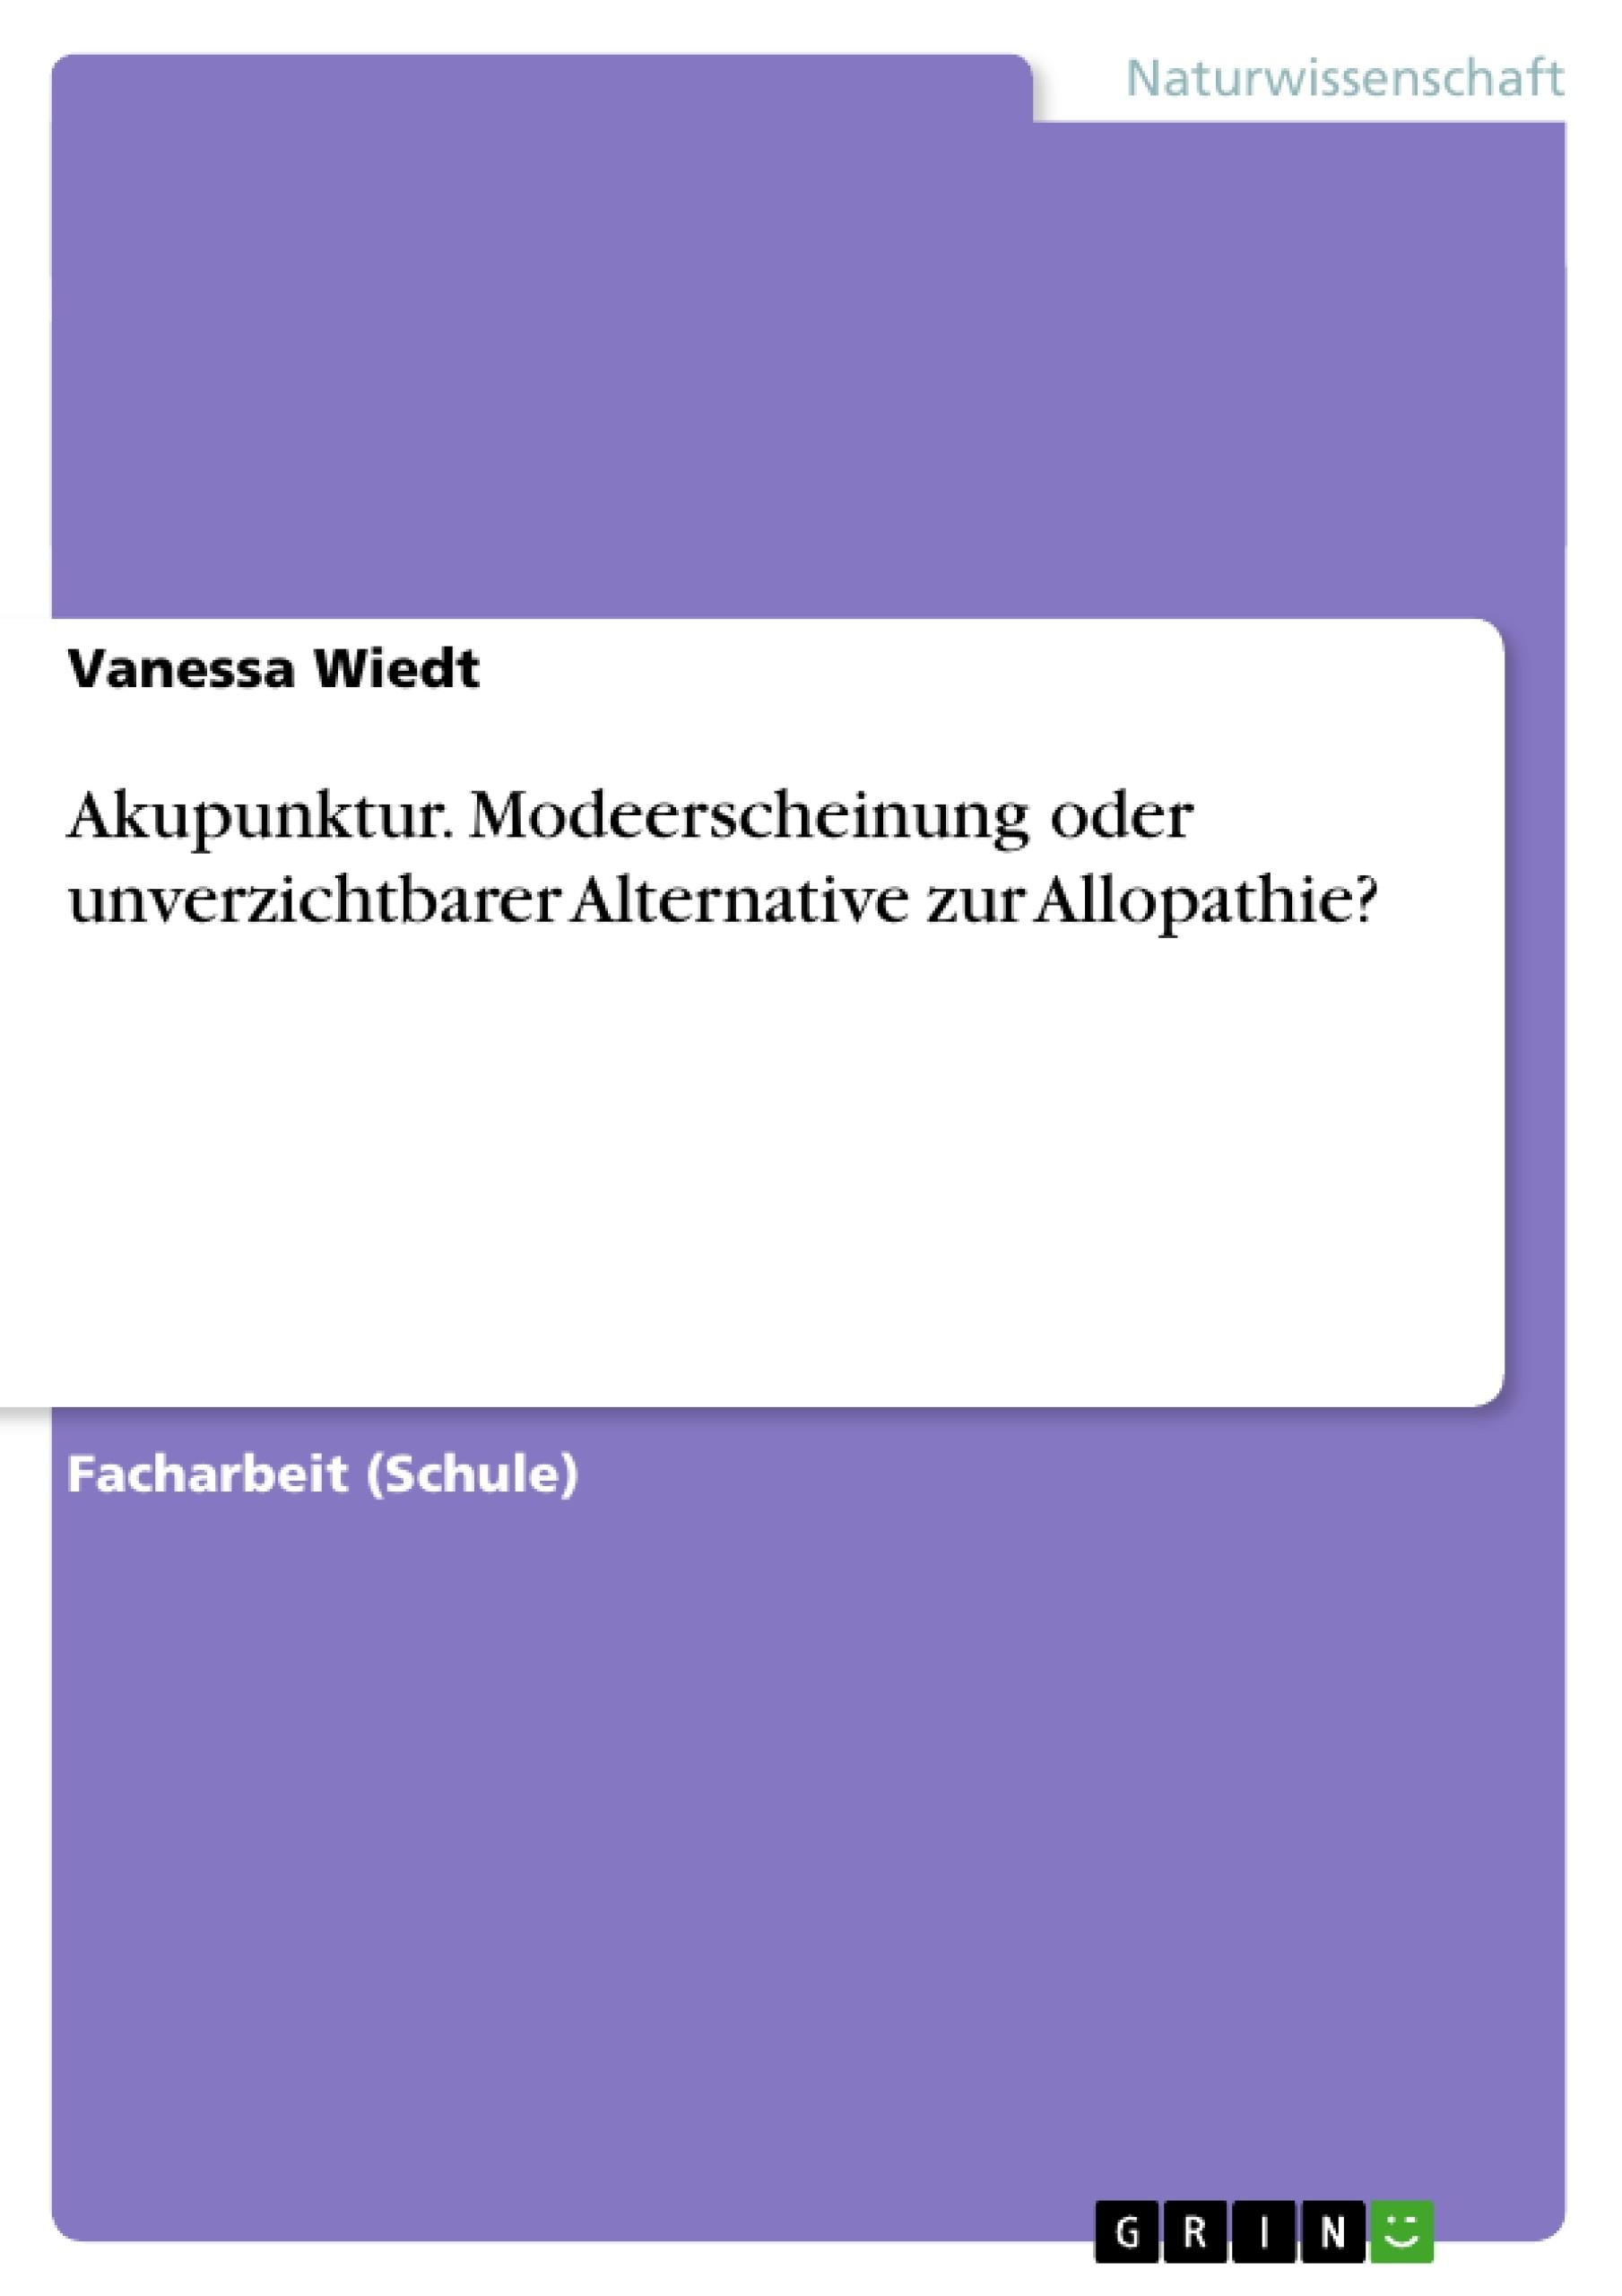 Titel: Akupunktur. Modeerscheinung oder unverzichtbarer Alternative zur Allopathie?